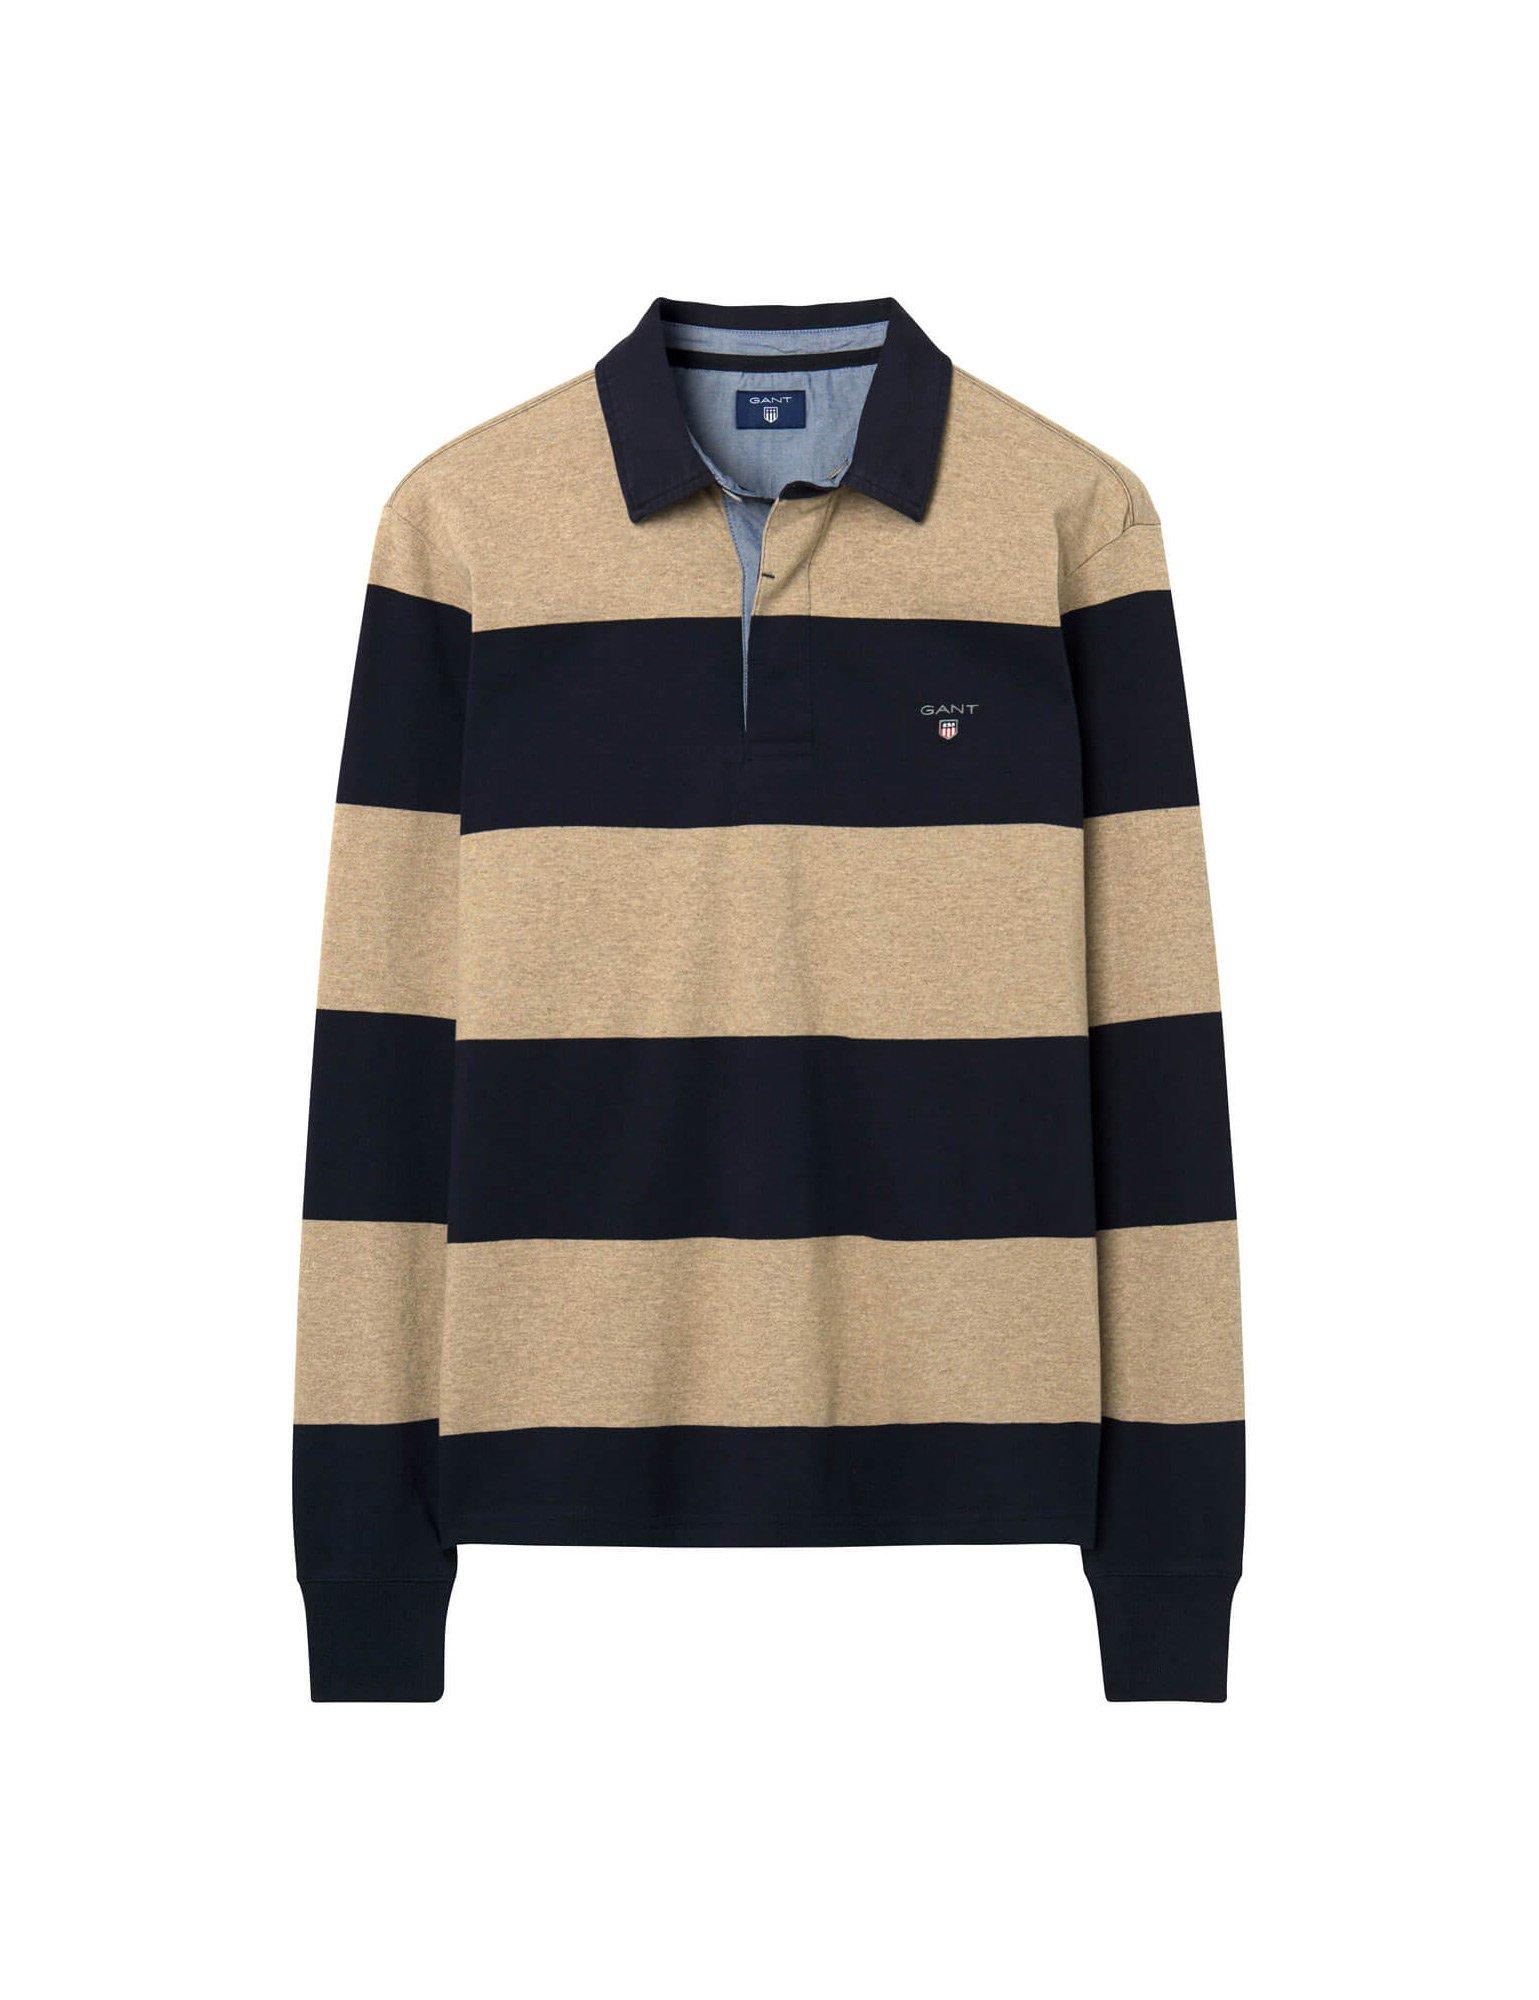 Gant Men's Men's Beige Bar Striped Rugby Shirt in Size M Beige